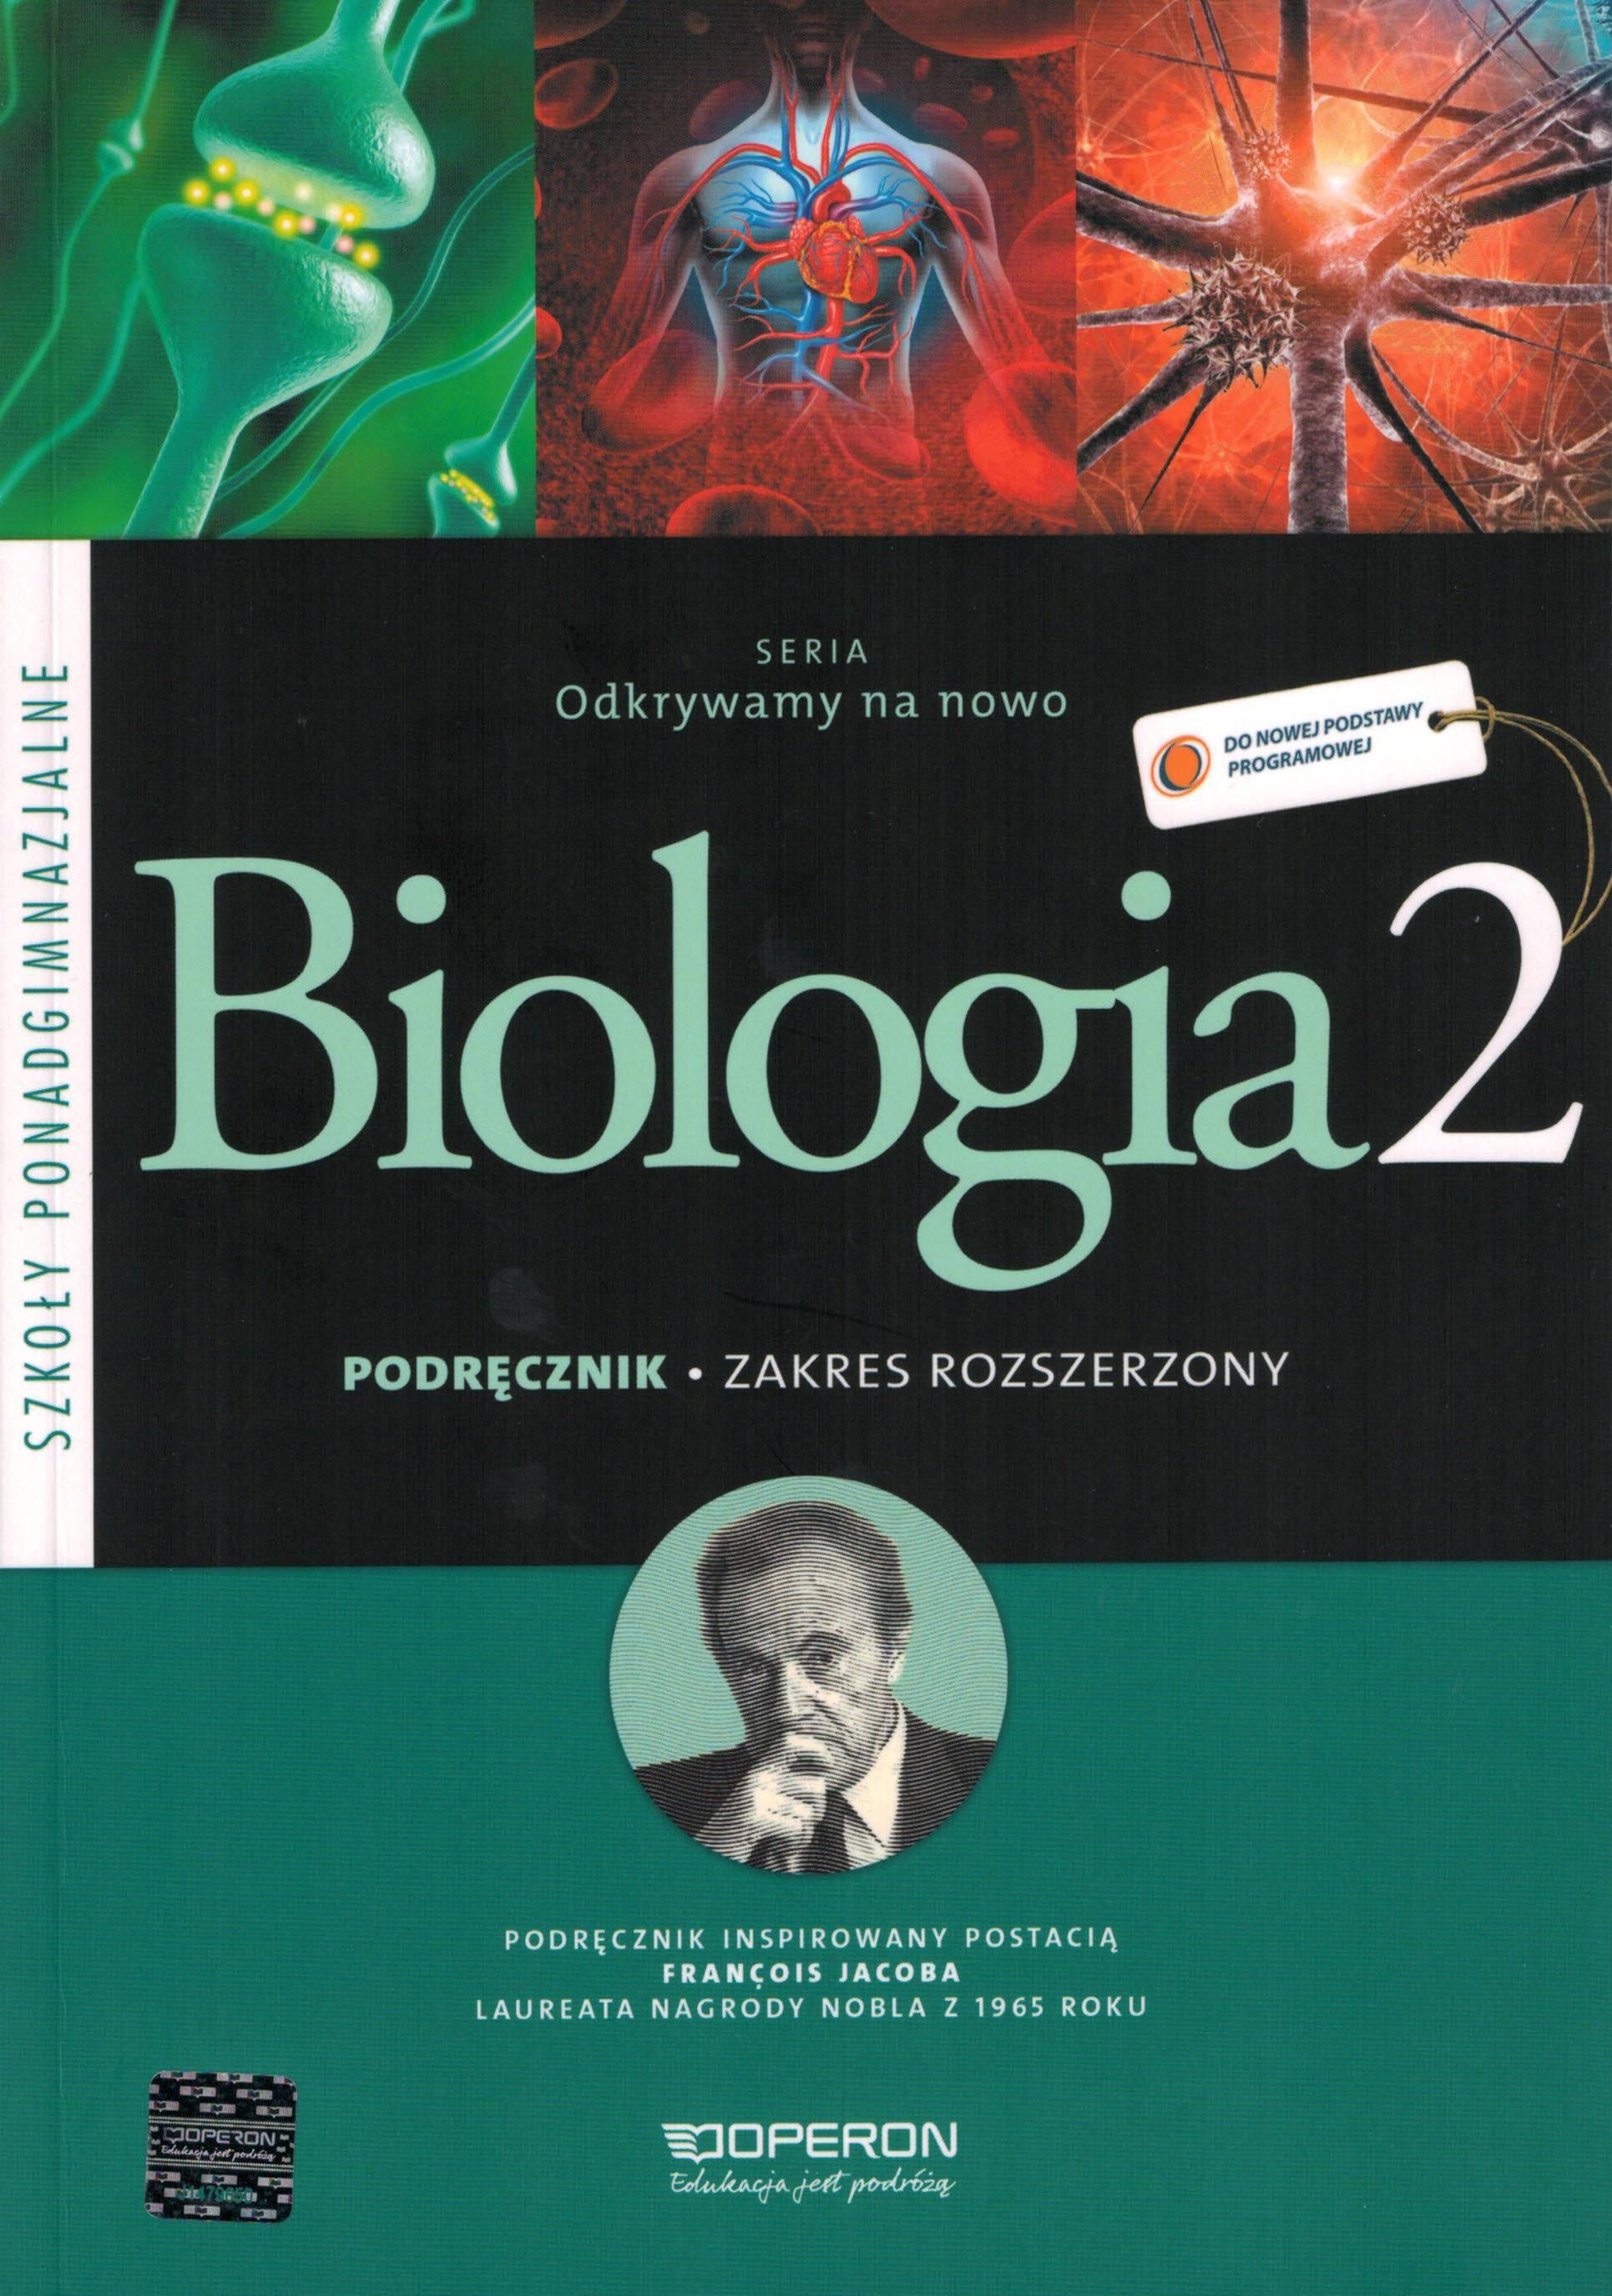 Biologia 2. Podręcznik. Zakres rozszerzony. Odkrywamy na nowo